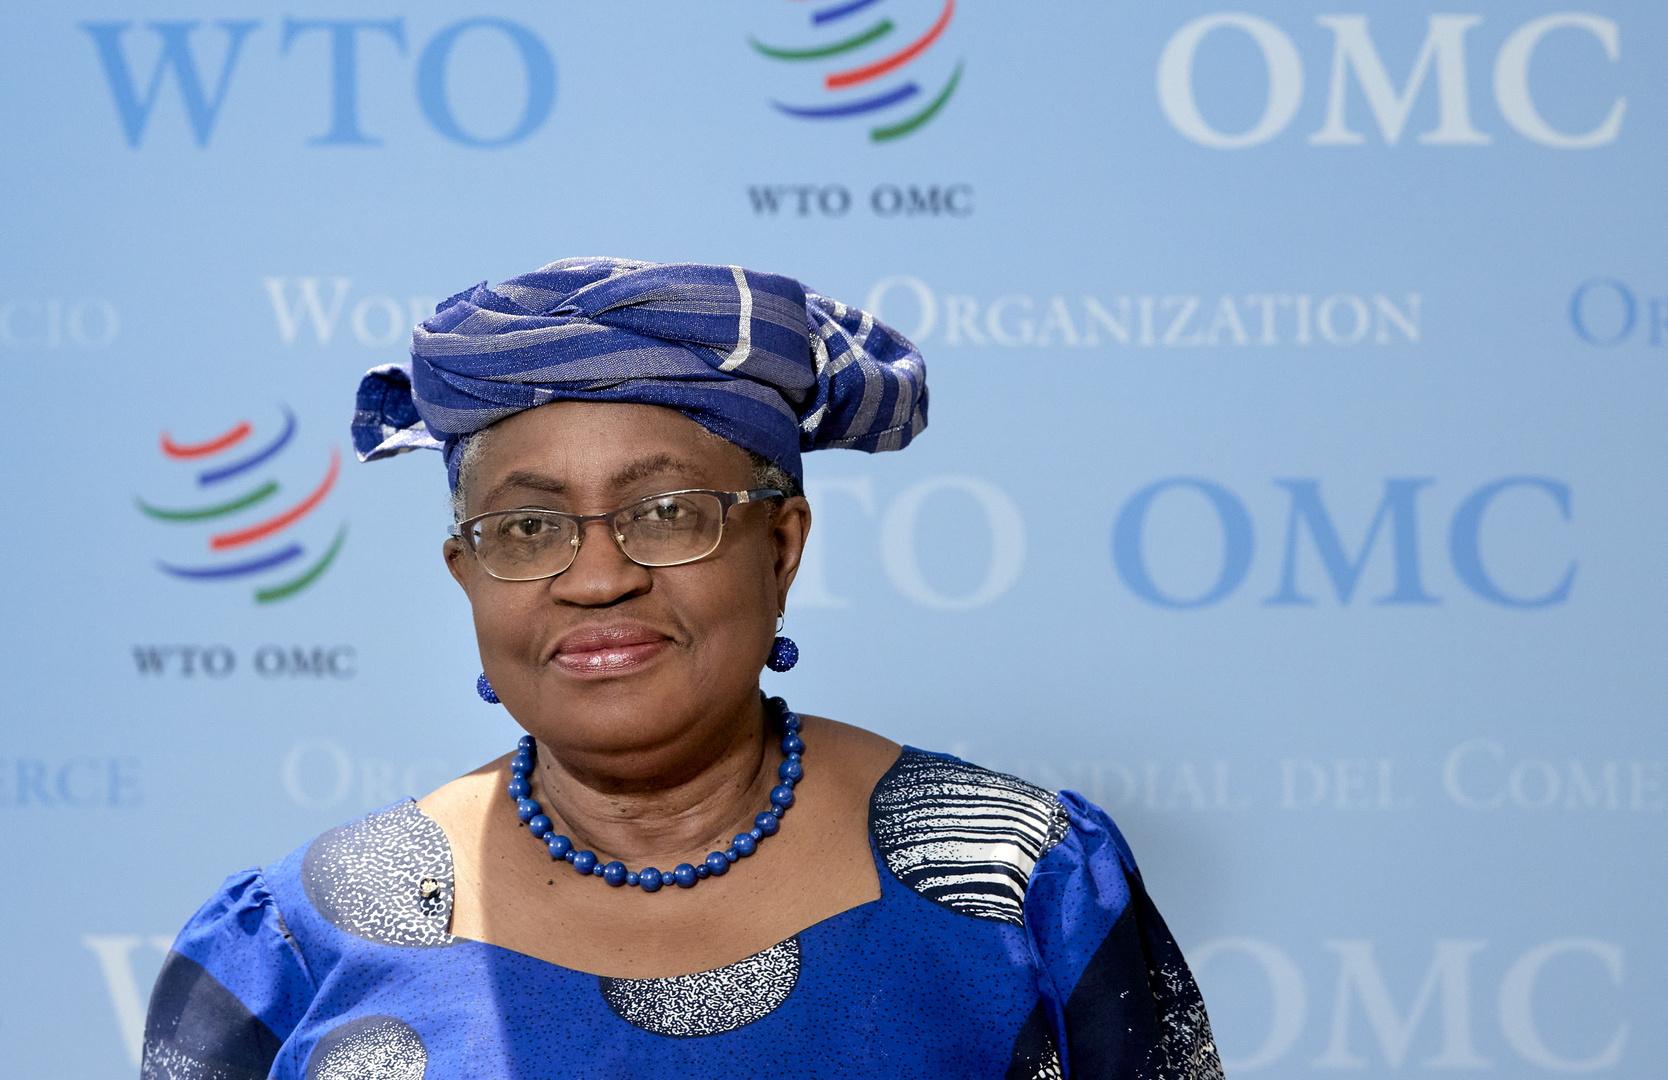 المديرة العامة لمنظمة التجارة العالمية نغوزي أوكونجو إيويلا